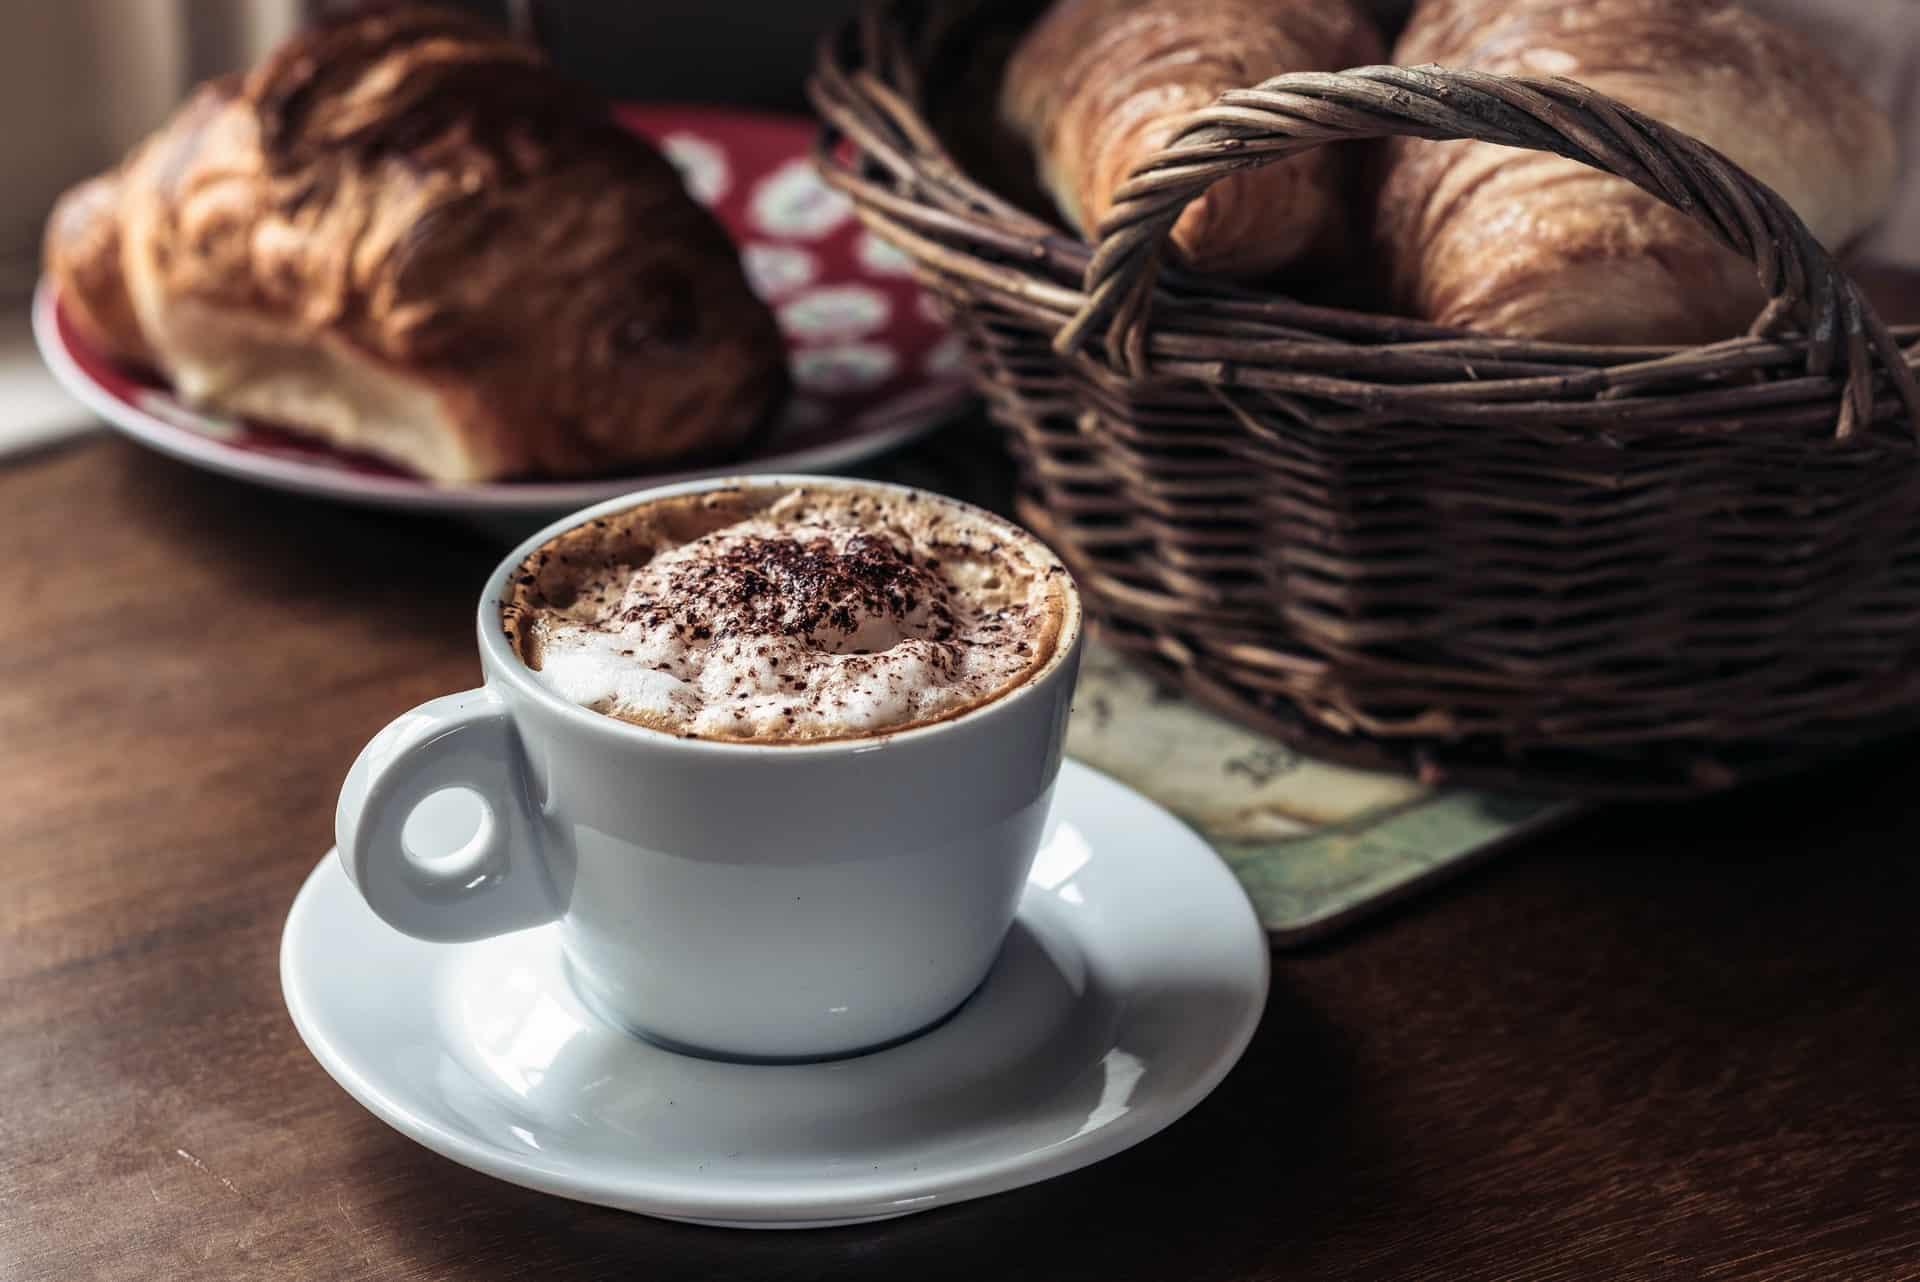 Cappuccino cremoso cria uma atmosfera incrível para amantes de café. (Fonte: Unsplash)